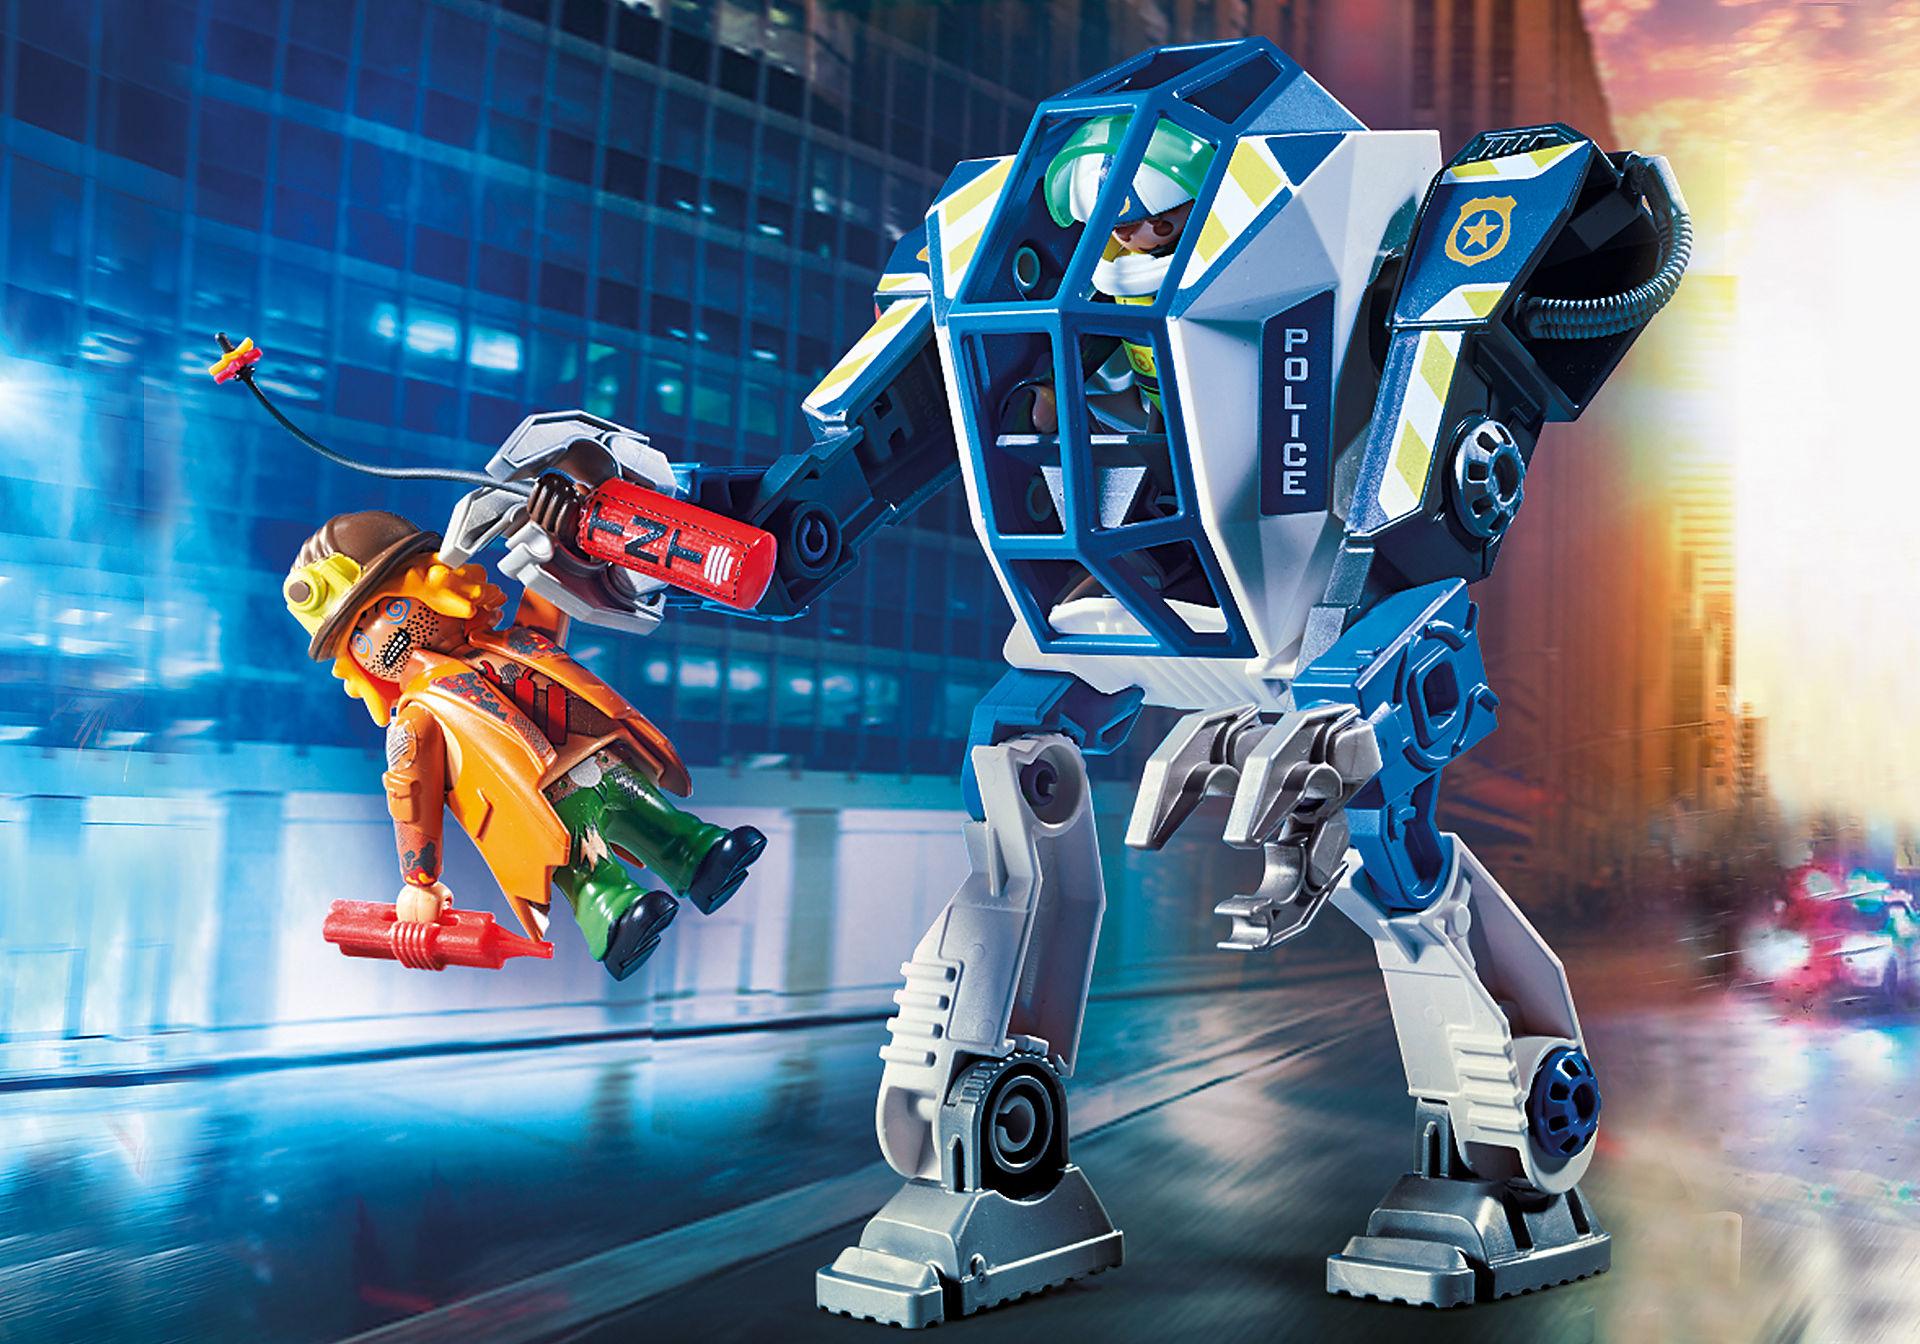 70571 Policyjny robot: Akcja specjalna zoom image4